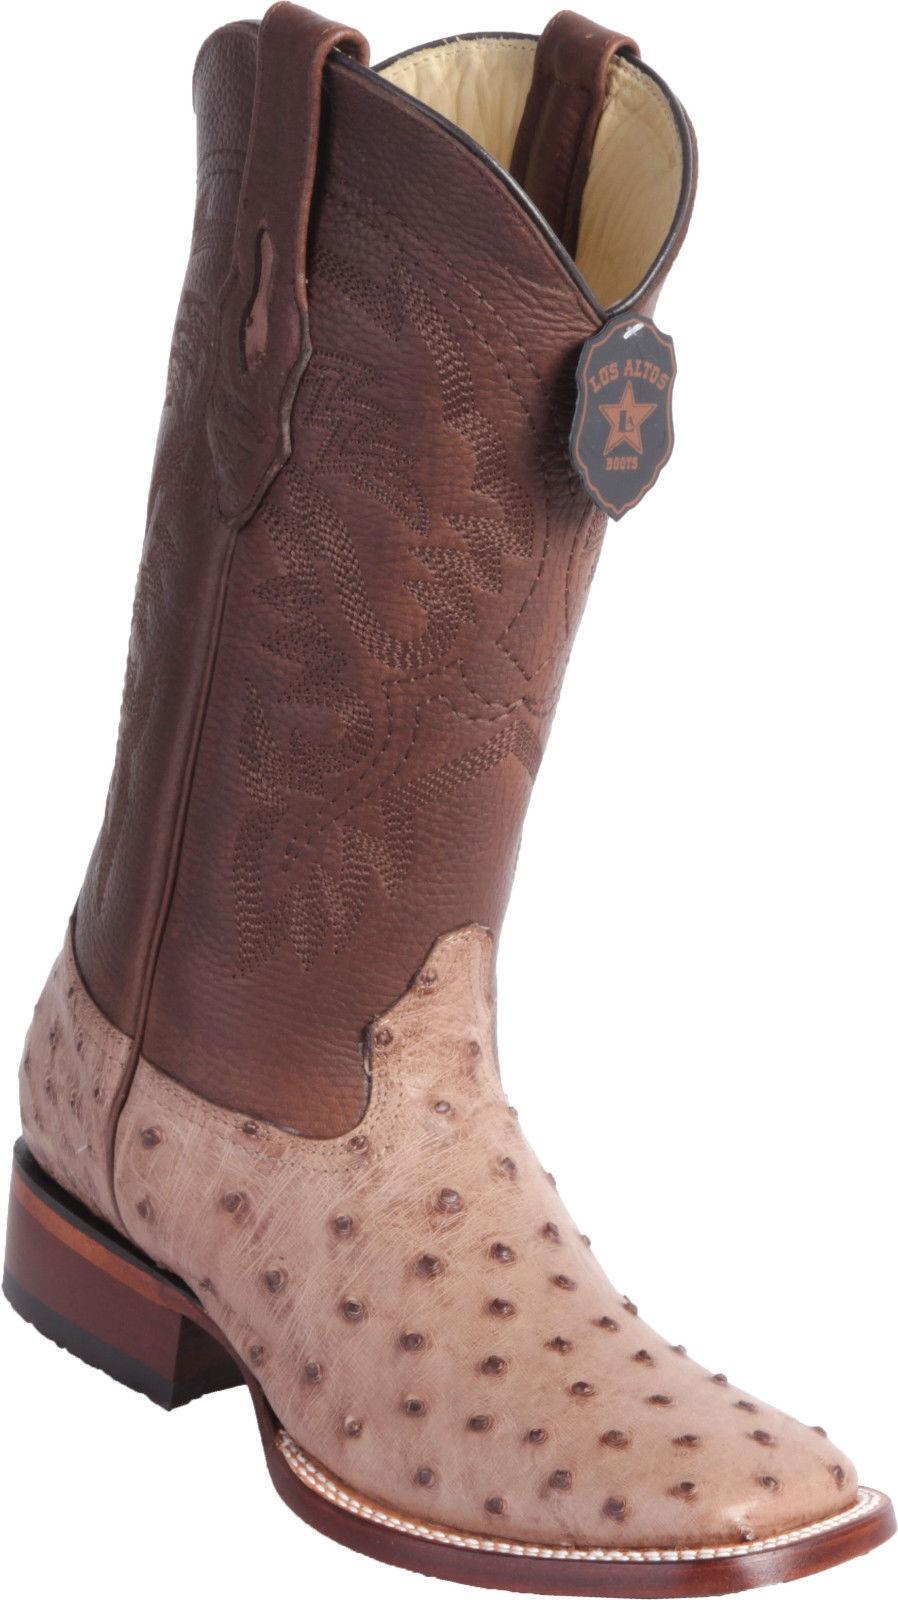 Los Altos Genuine MOKA Ostrich Square Toe Western Cowboy Boot EE